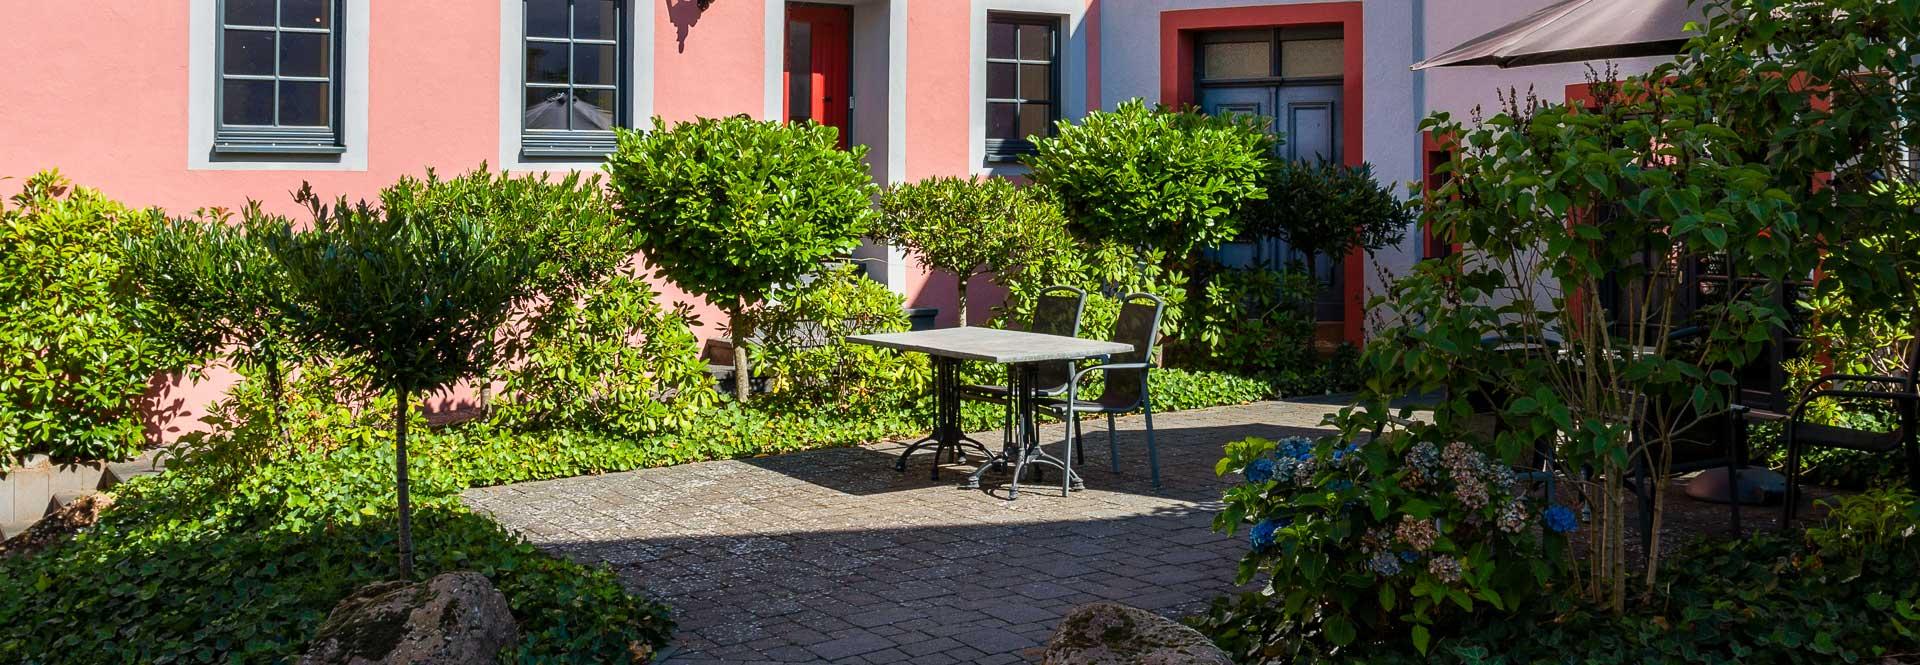 luxe vakantiehuis 4 personen met sauna, internet, terras en BBQ in de Eifel, Duitsland